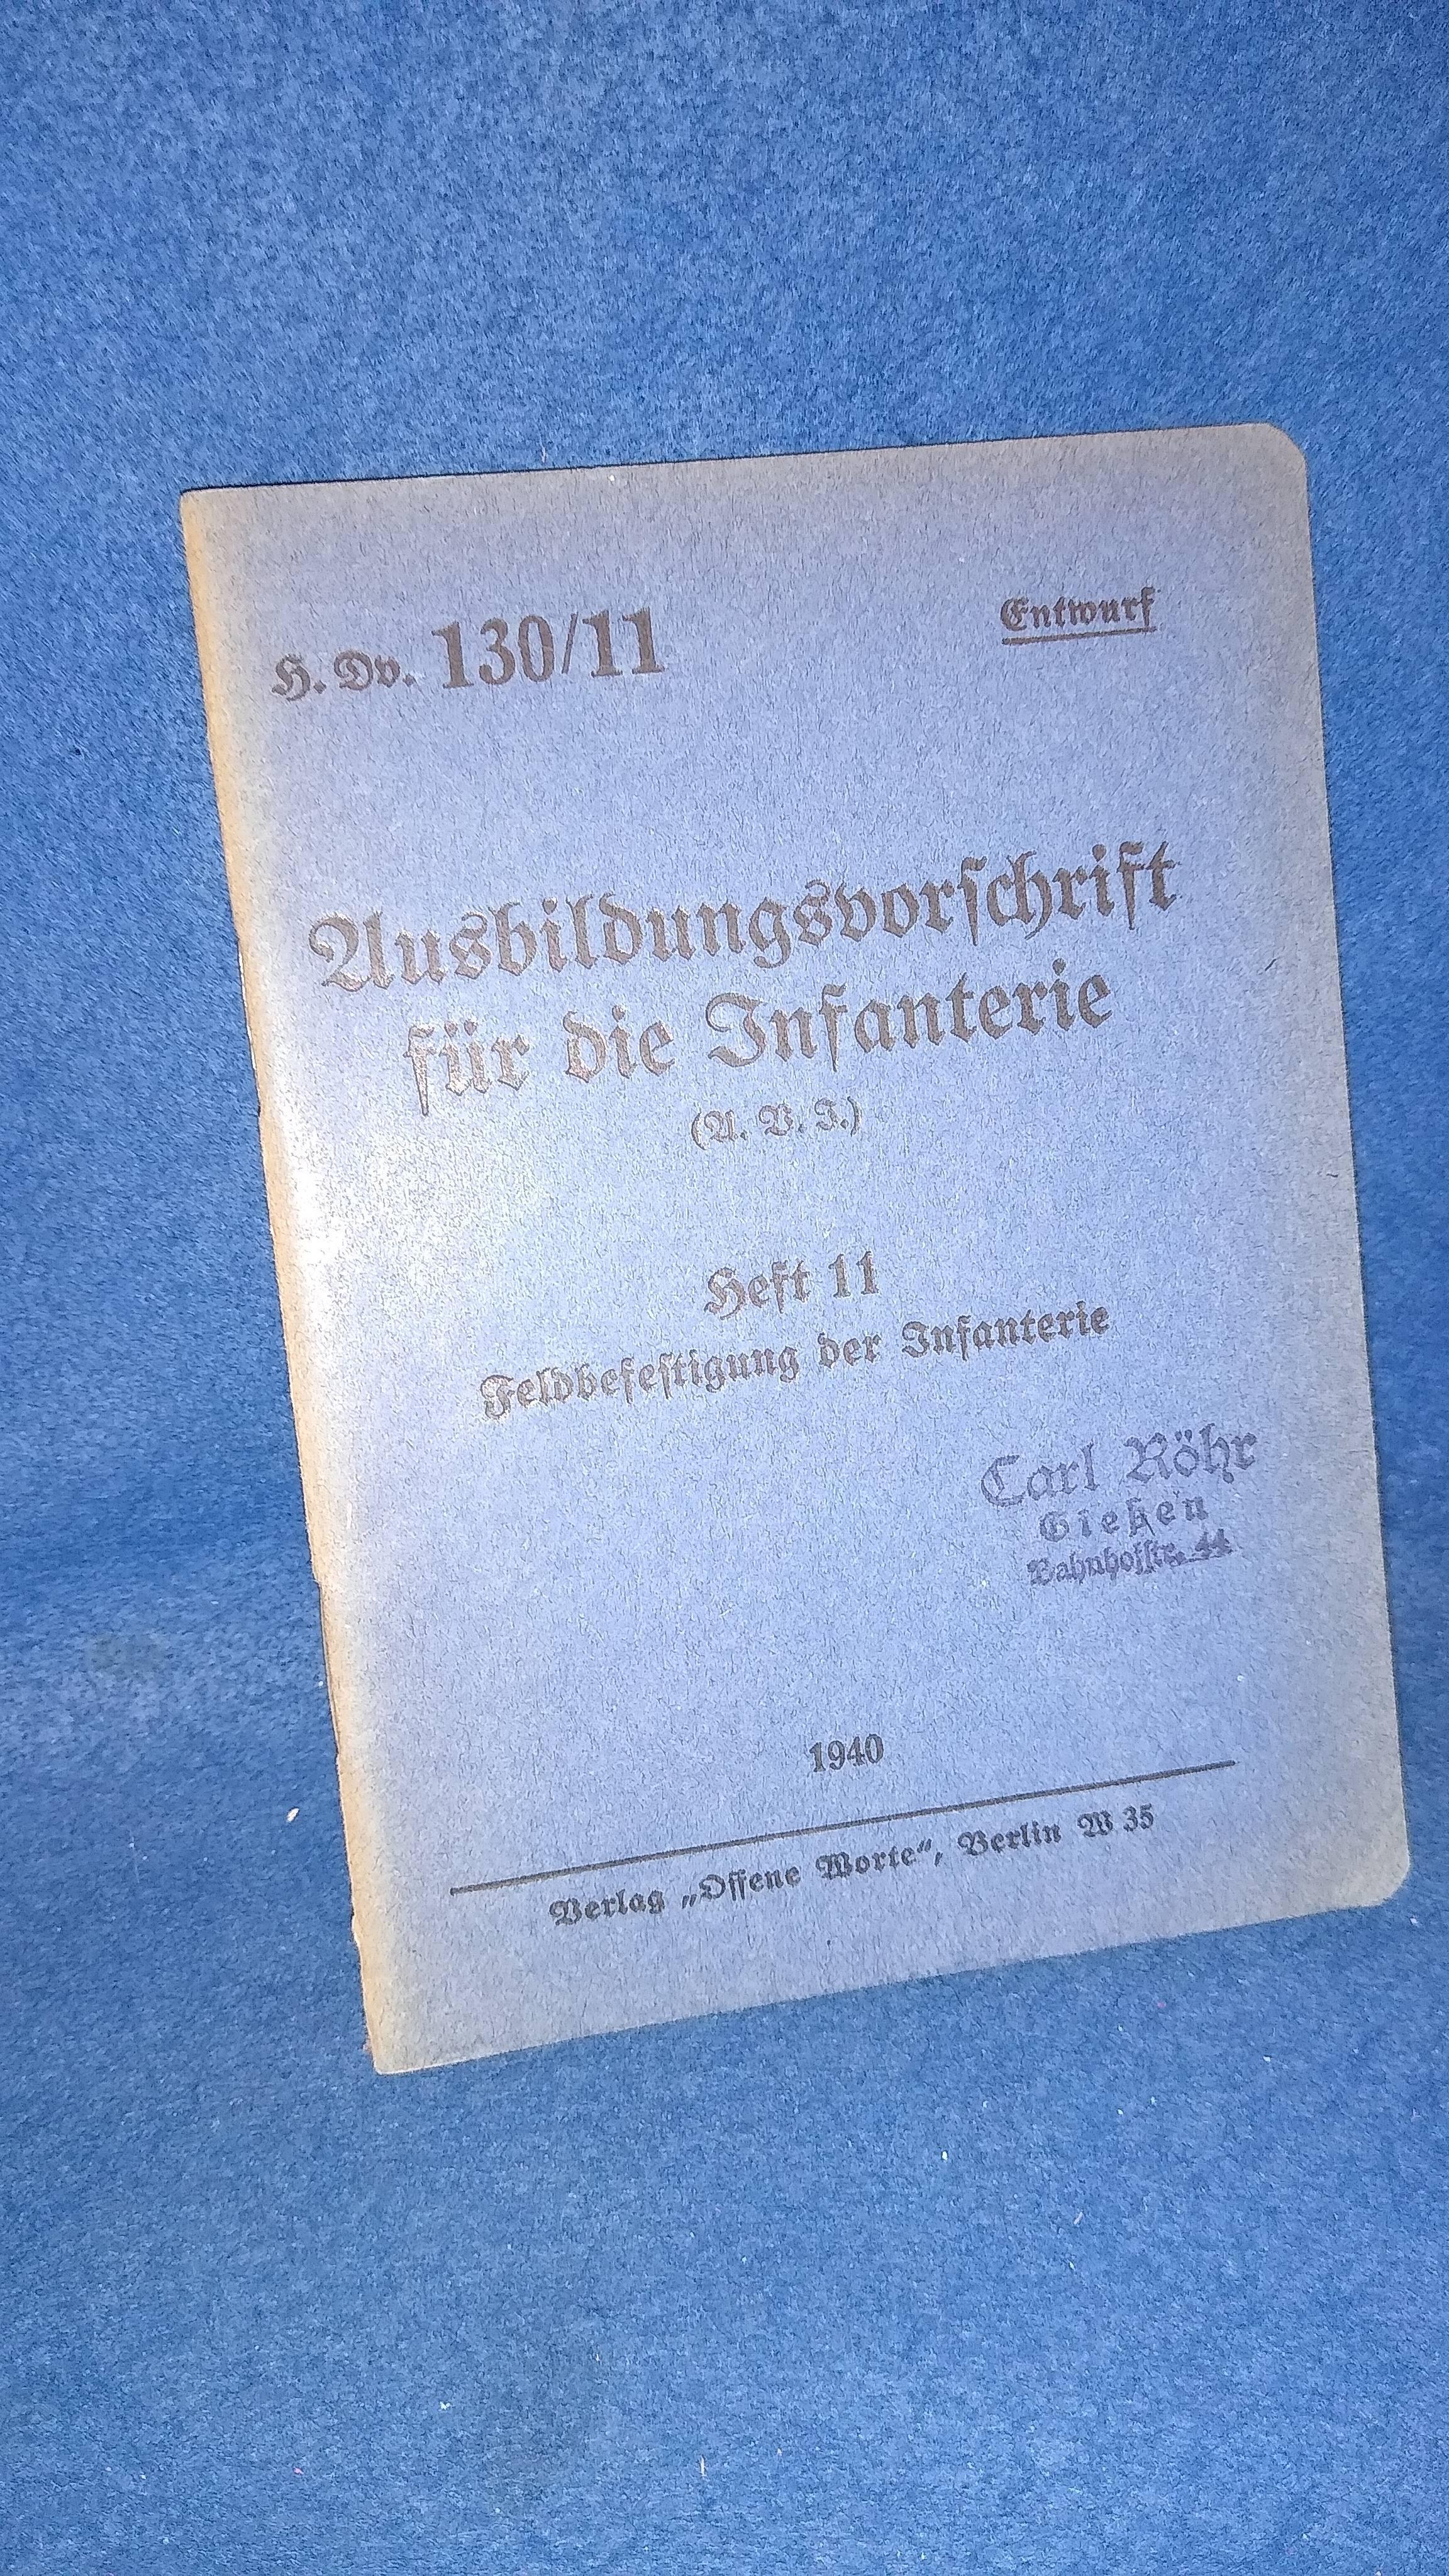 H.Dv.130/11. Ausbildungsvorschrift für die Infanterie. (A.B.I.) Heft 11. Feldbefestigung der Infanterie.